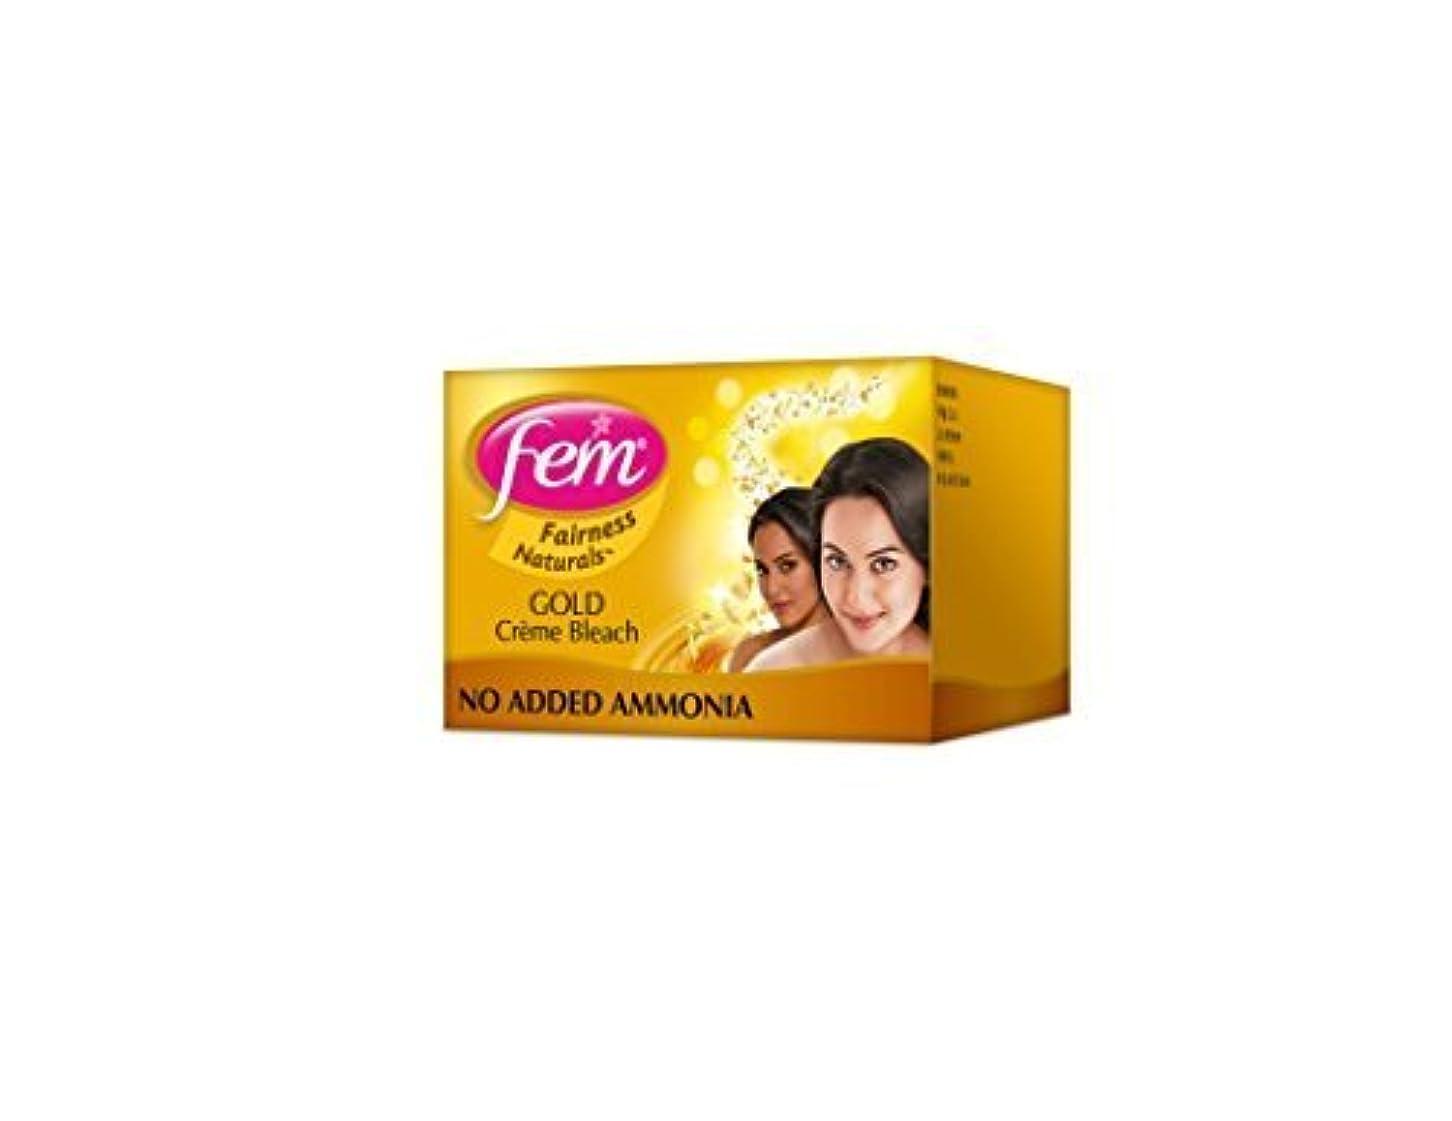 フラップマニュアル宙返り2 FEM Herbal Gold Cream Bleach Wt Real Gold Golden Glow Natural Fairness 26g X 2 by Fem